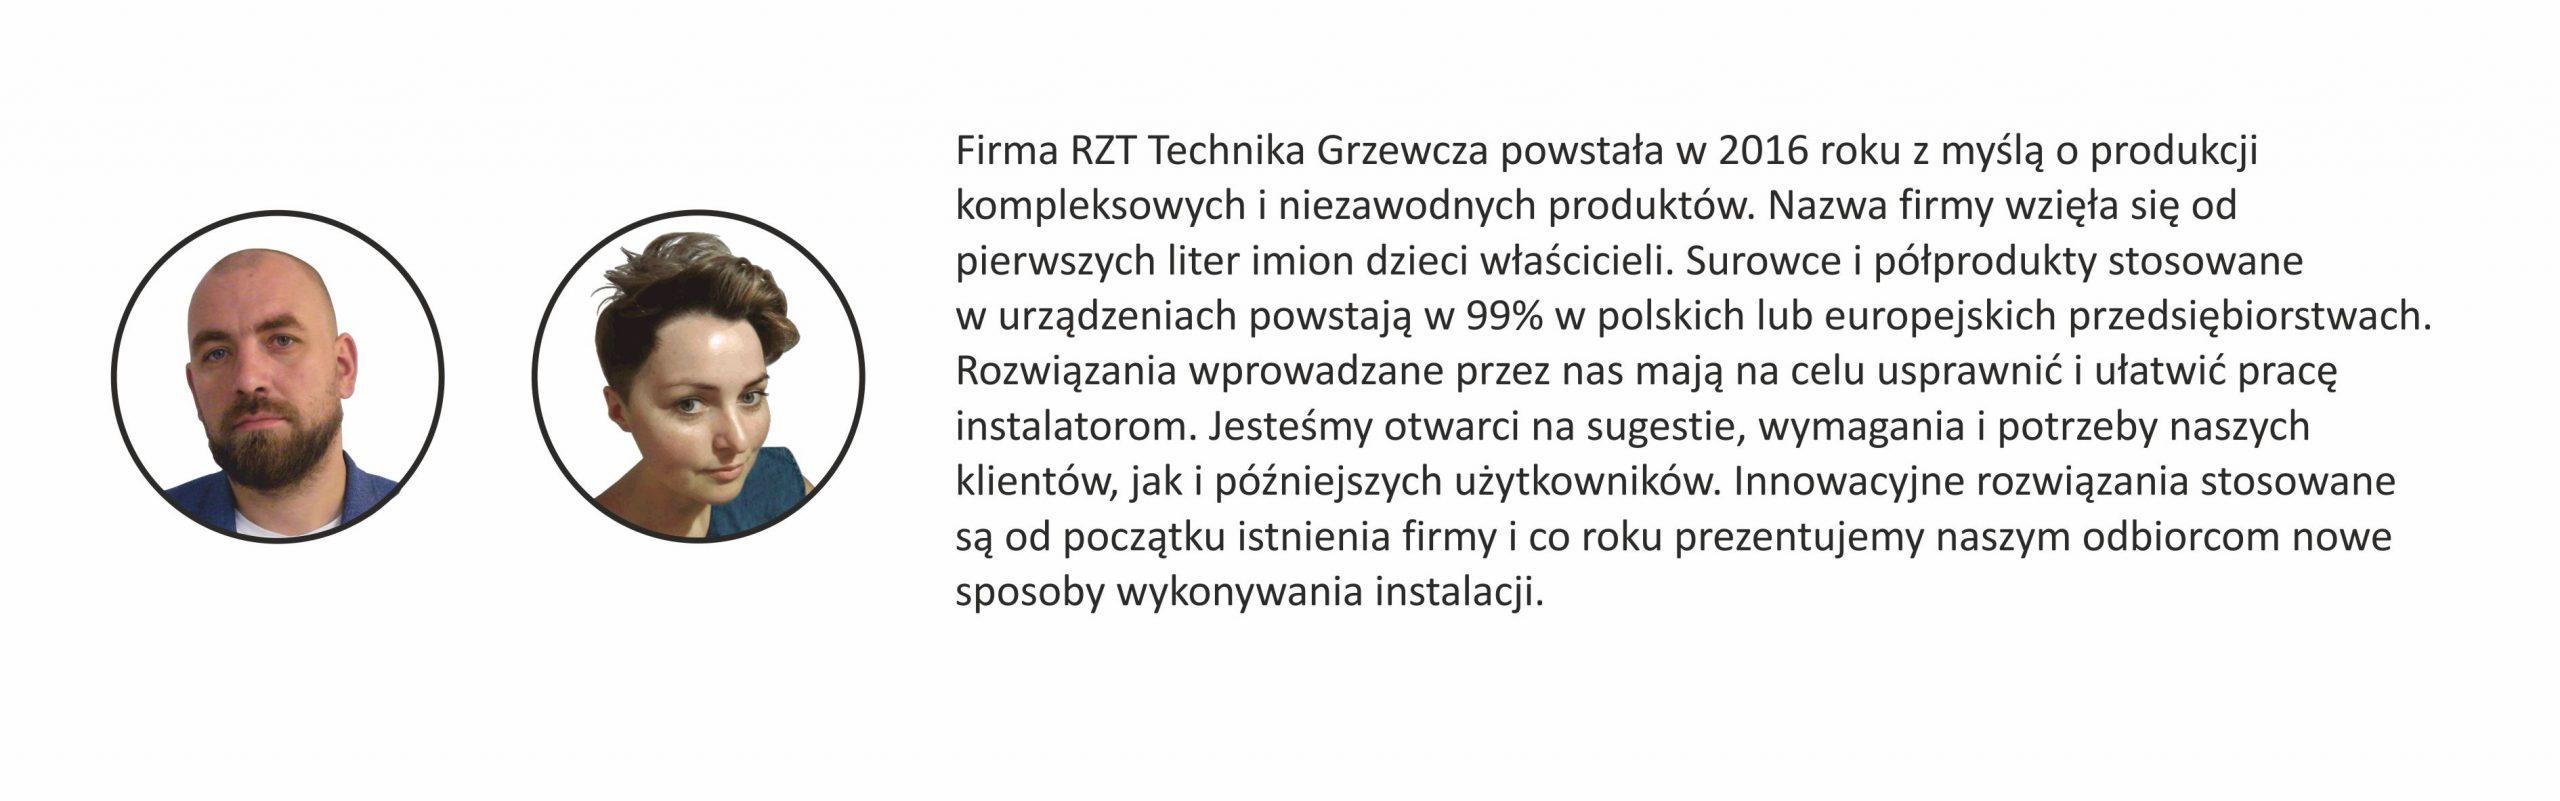 RZT Technika Grzewcza - o firmie 1